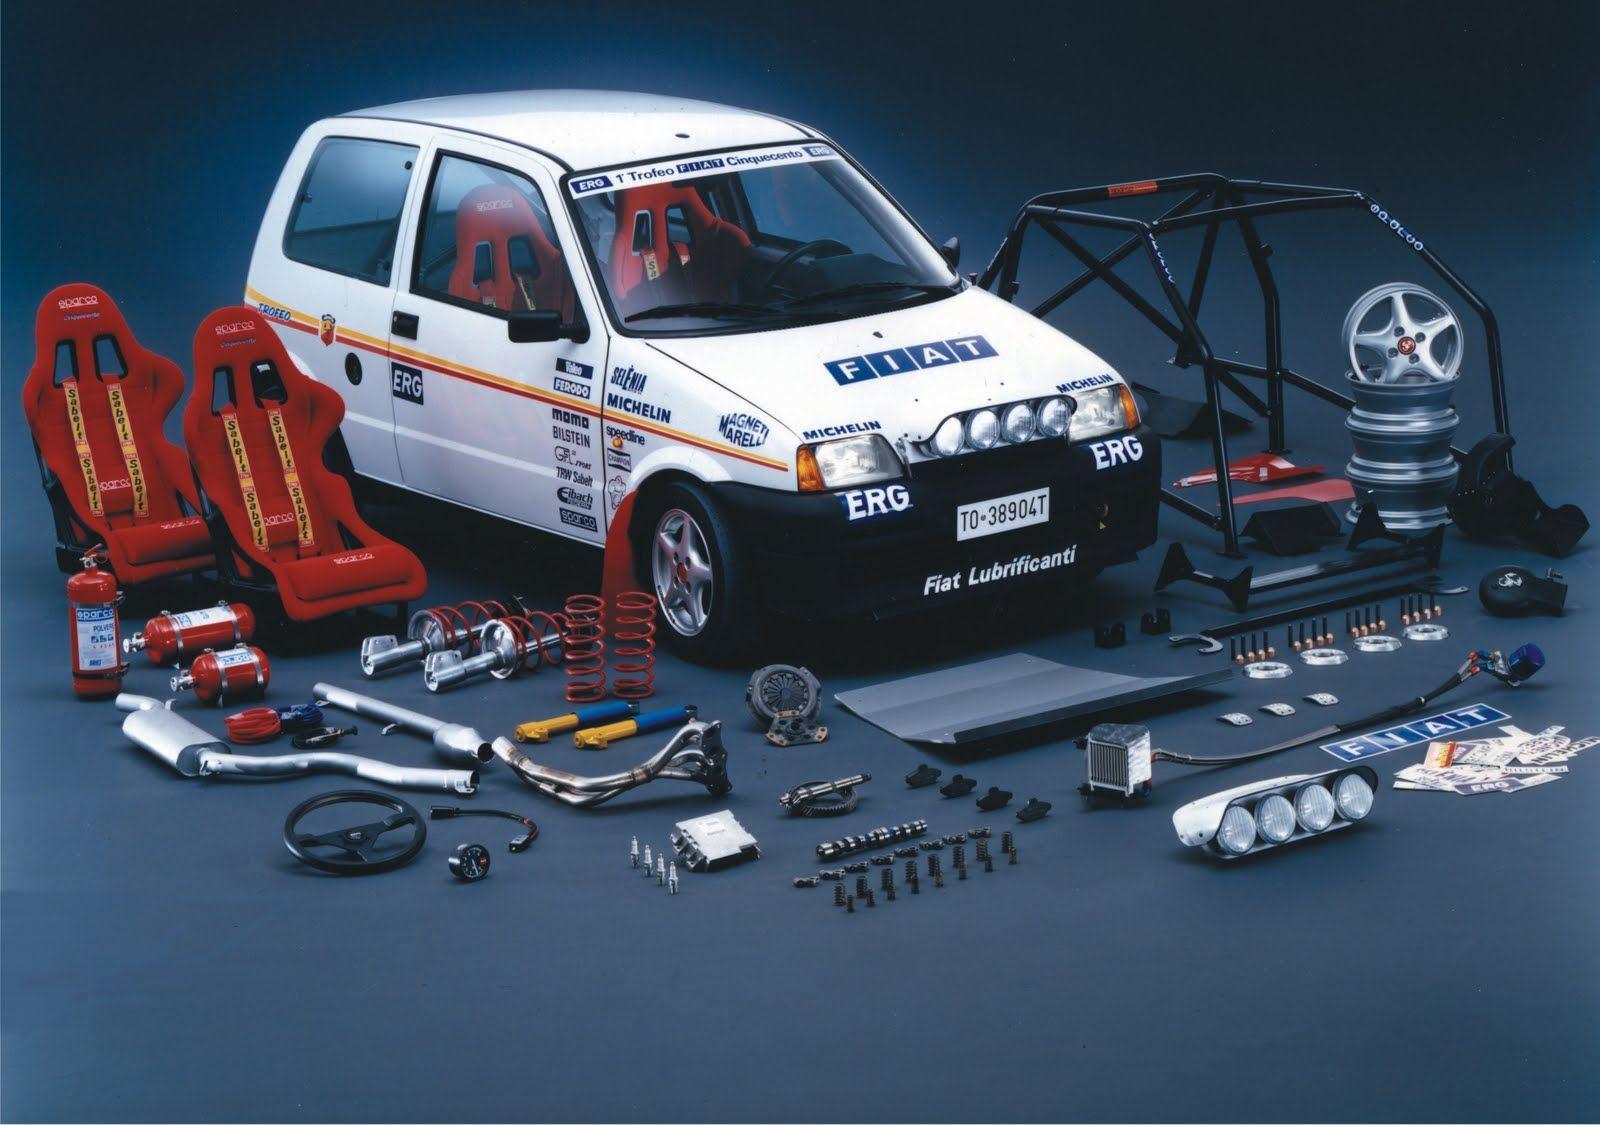 Fiat Cinquecento Trofeo Rally Pack Goruntuler Ile